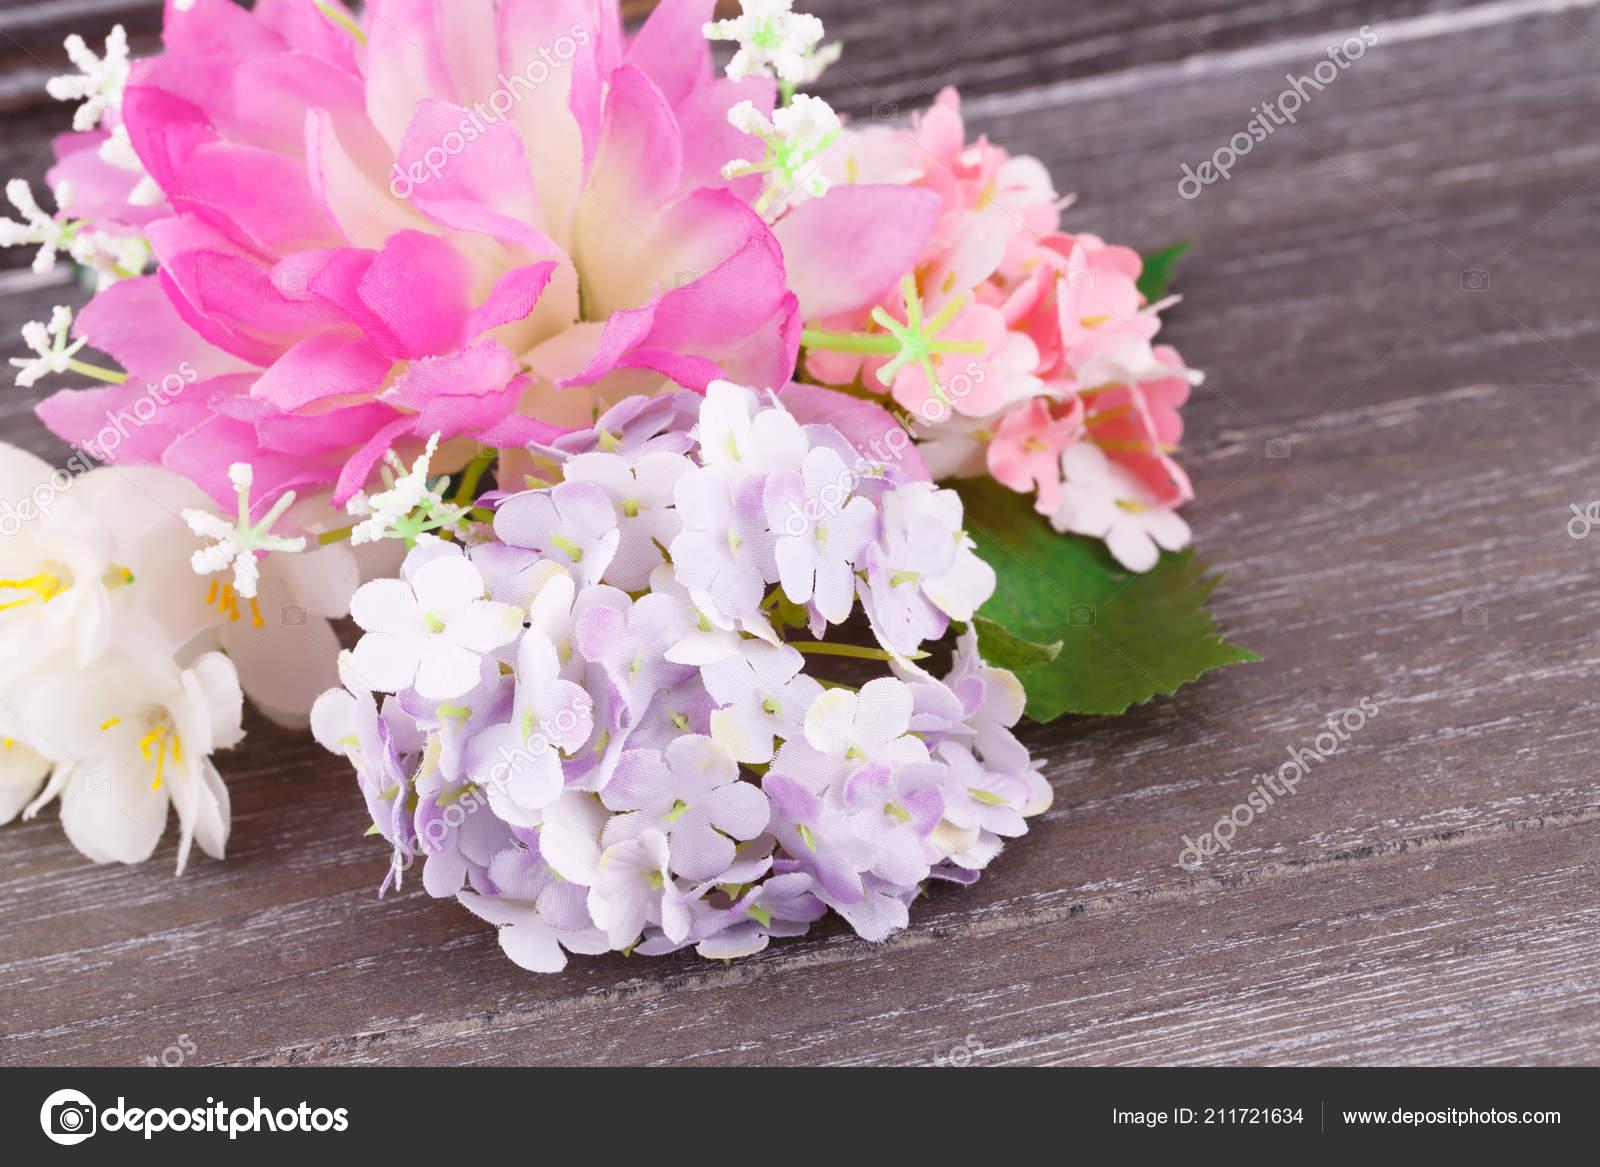 Barevné Textilie Květiny Dřevěné Pozadí Detailní Obrázek — Stock ... aa557e15627